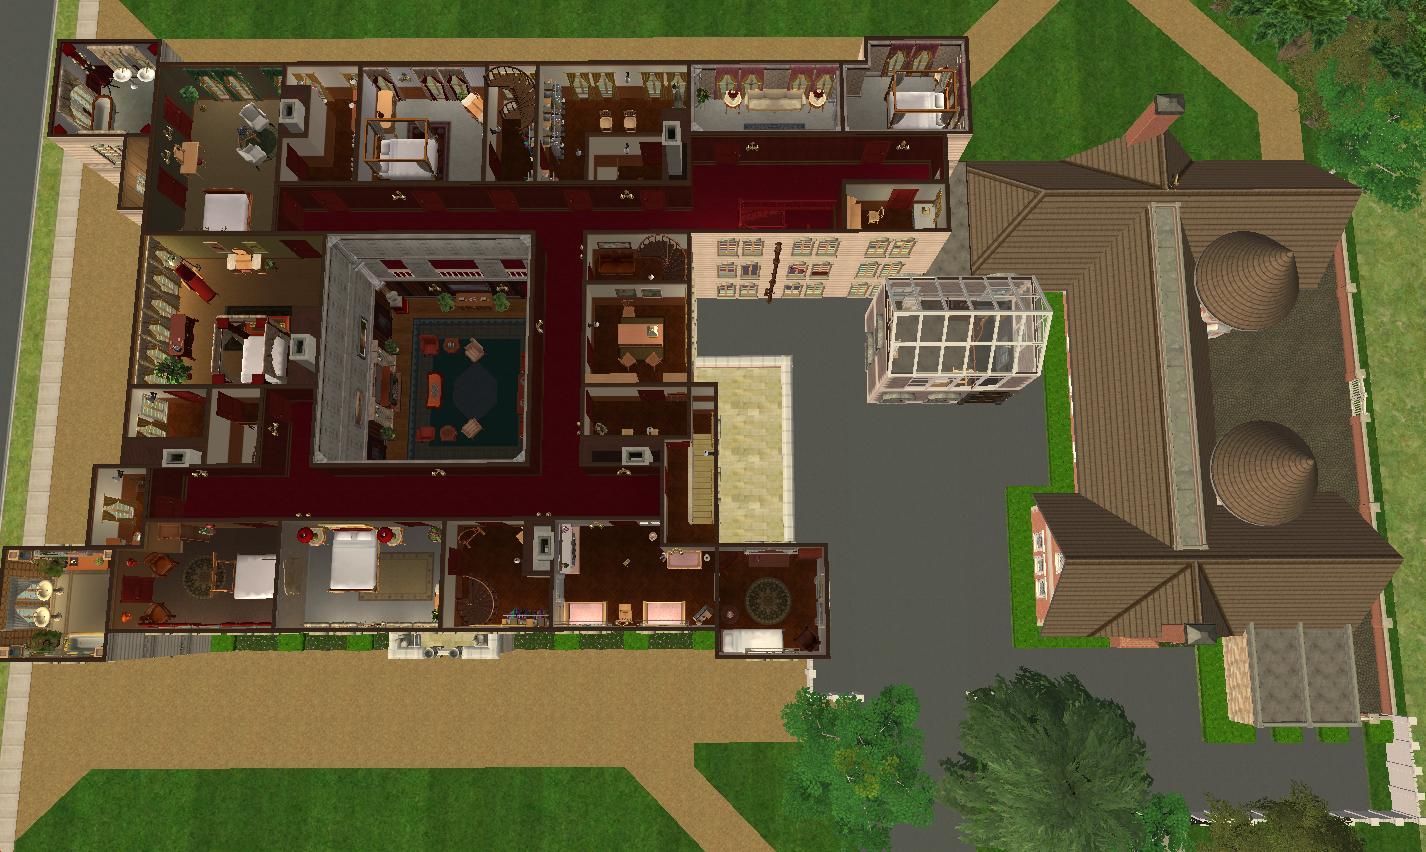 White House Floor Plan Living Quarters Highclere Castle Floor Plan Second Gurus Floor